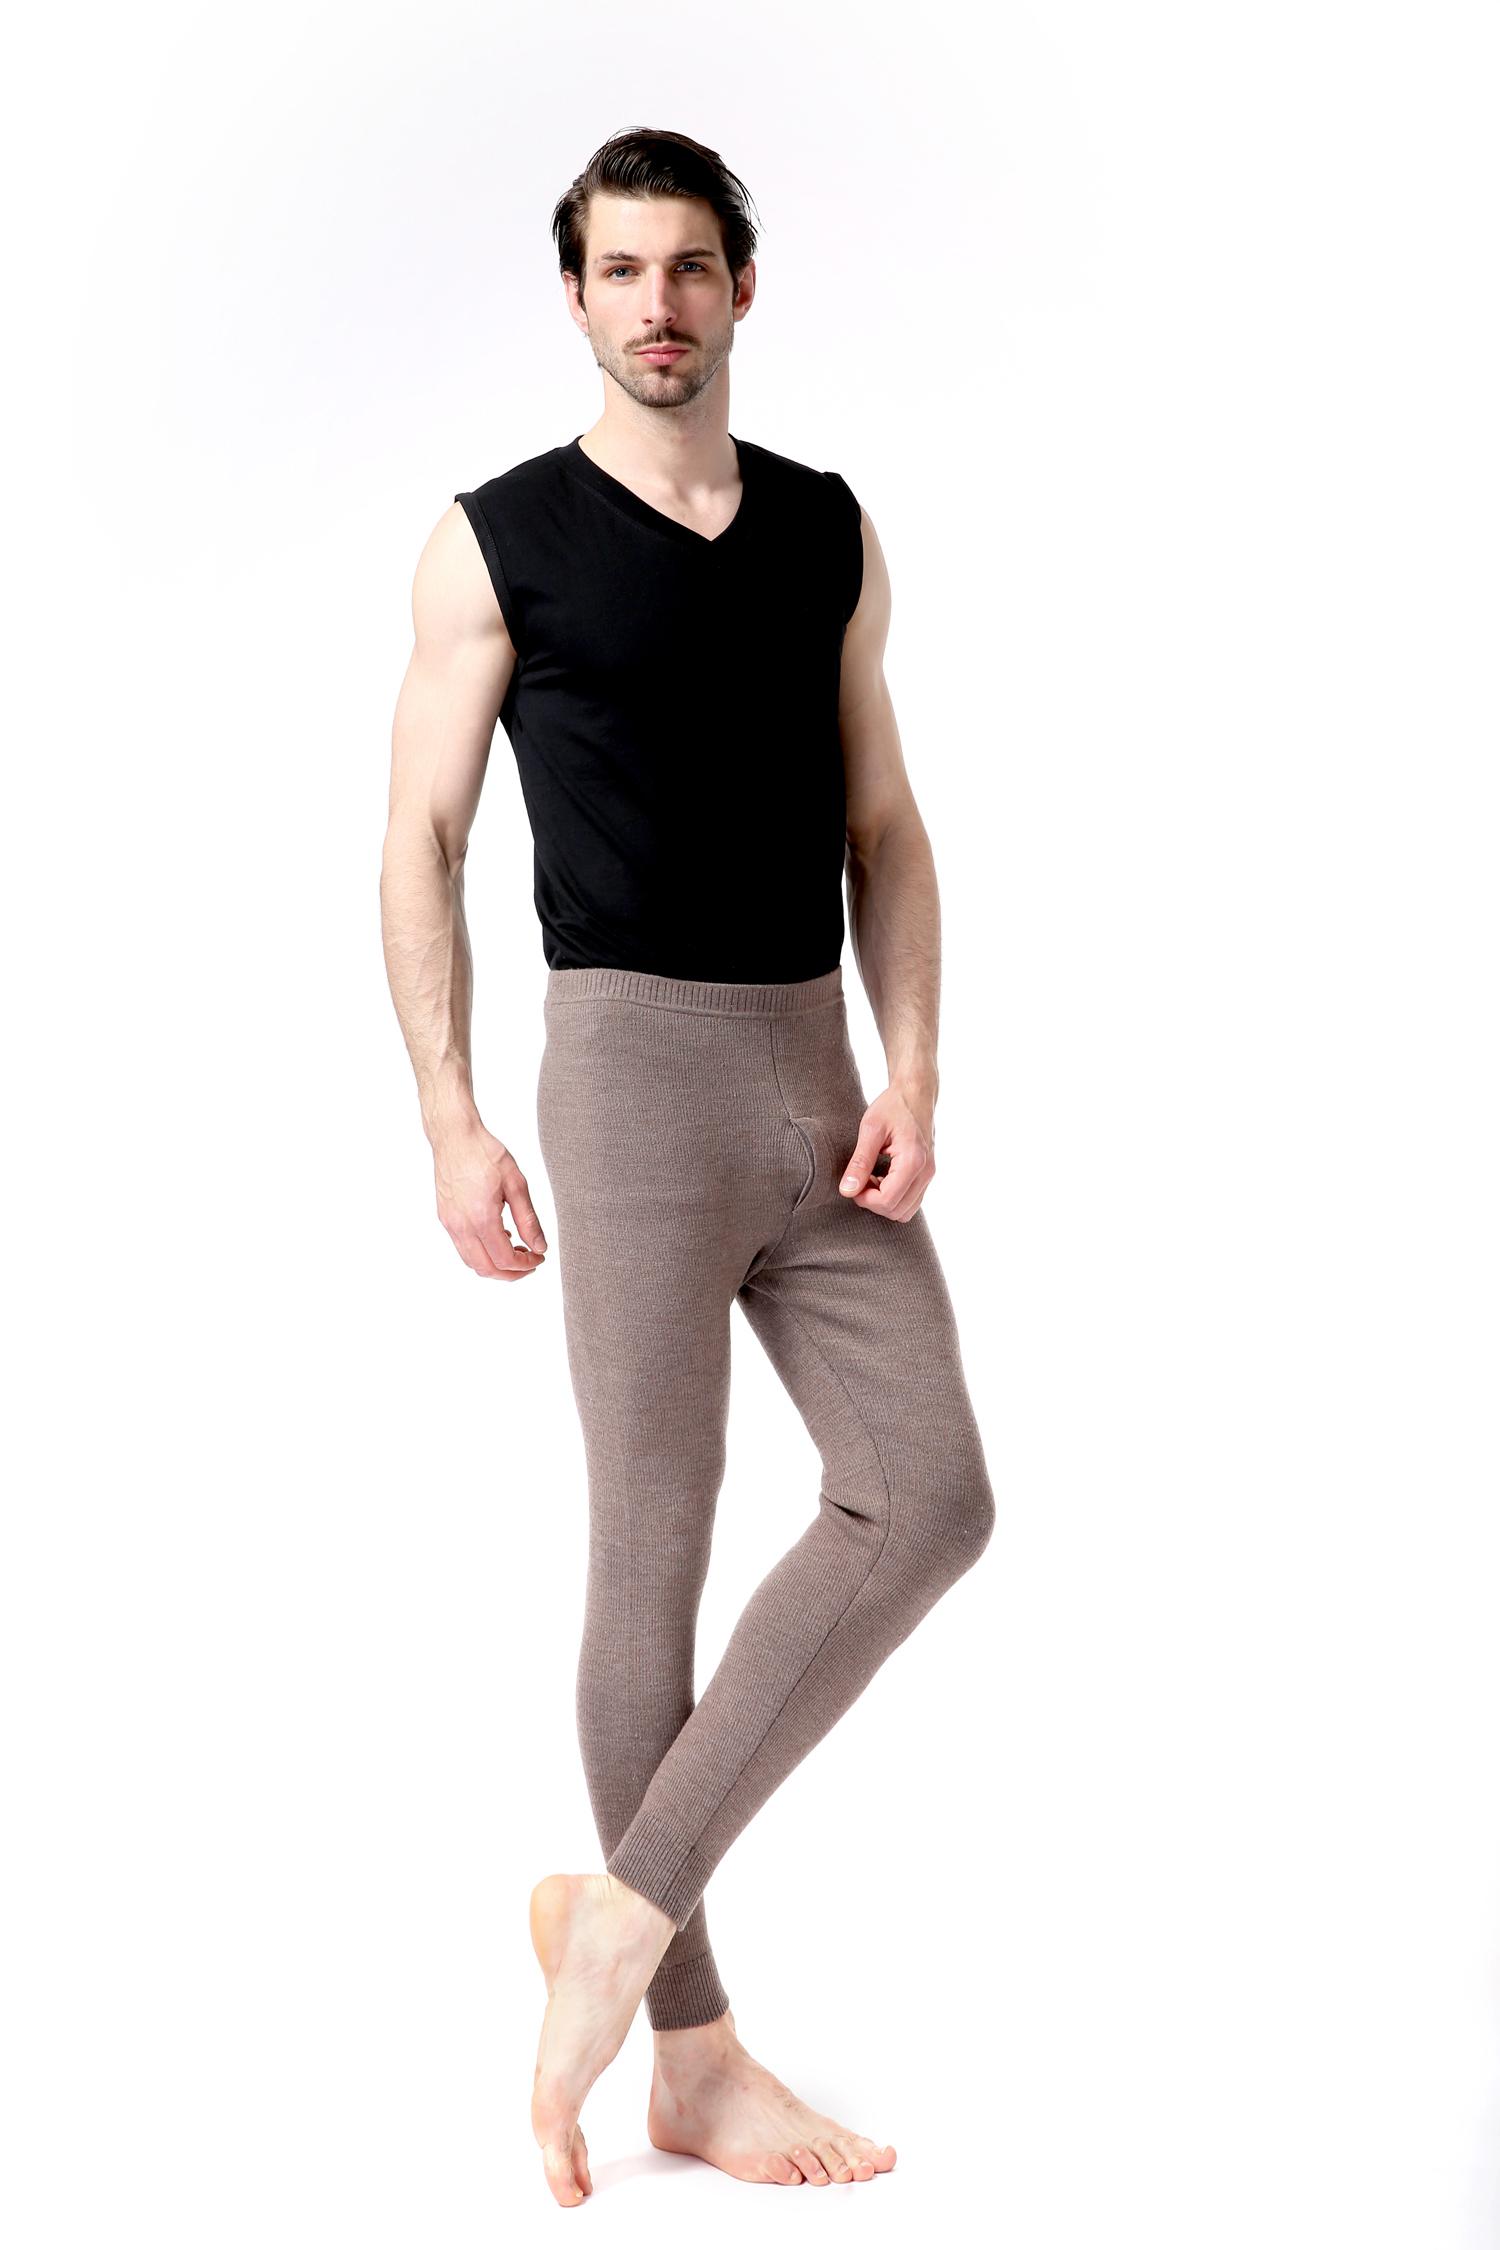 四子王旗保暖内衣 最优的都兰诺斯澳毛男抽条裤购买技巧